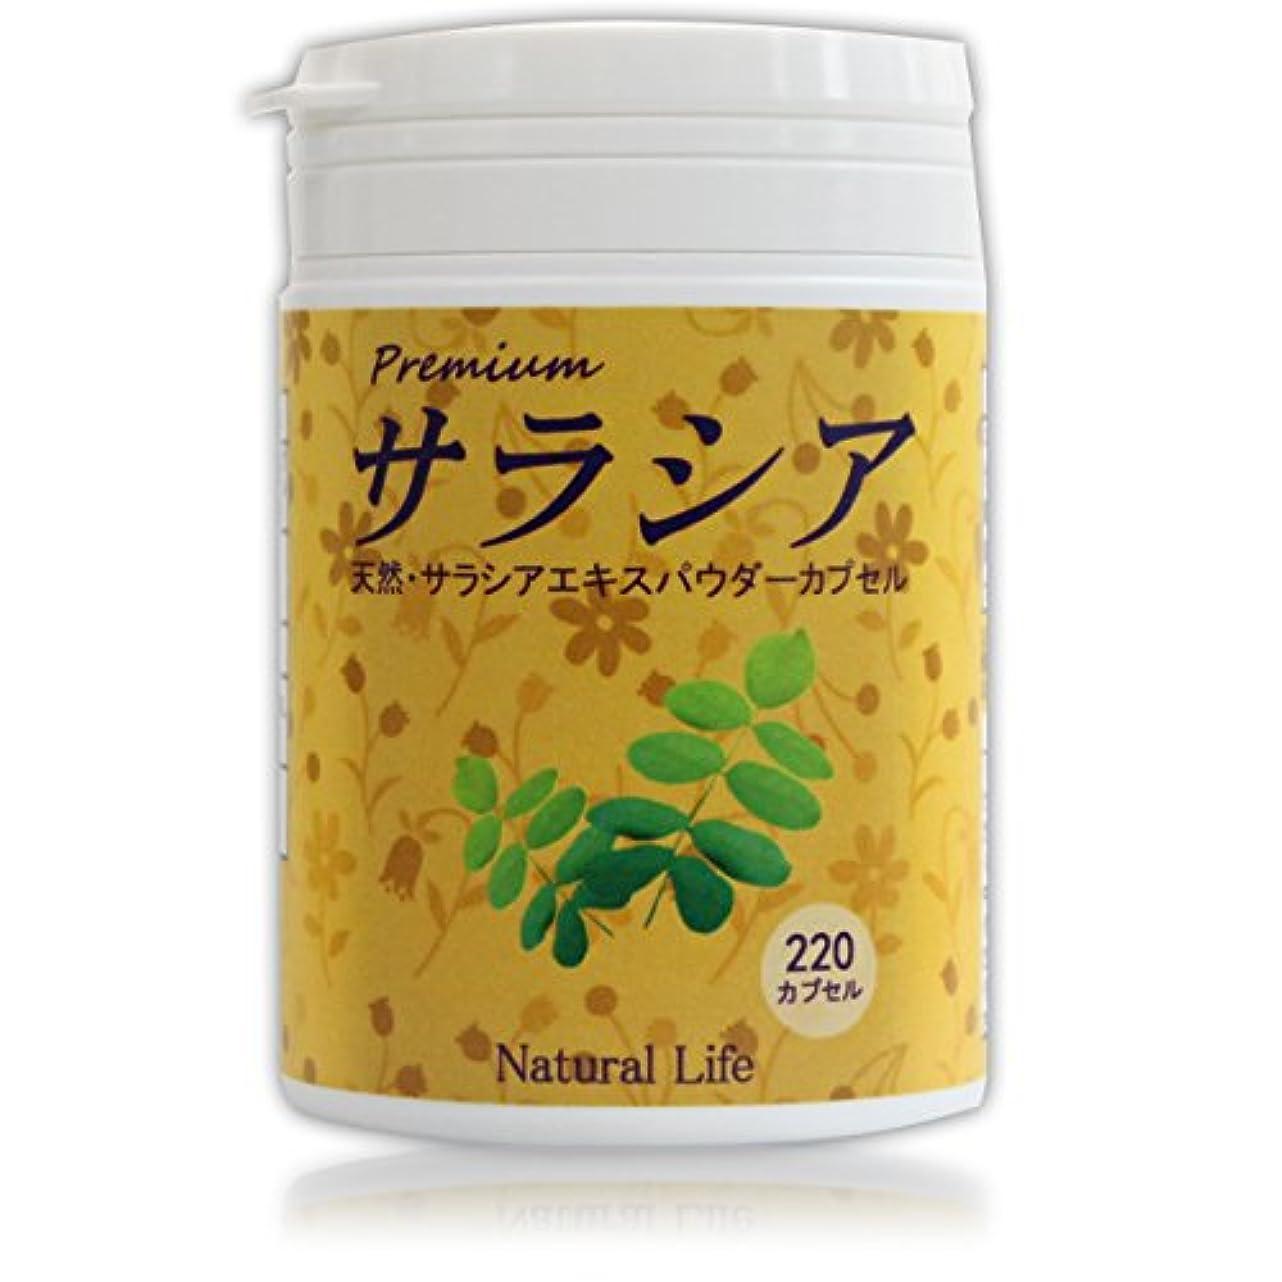 排除平和頼むサラシアカプセル[220粒]天然ピュア原料(無添加) 健康食品(サラシア,さらしあ)